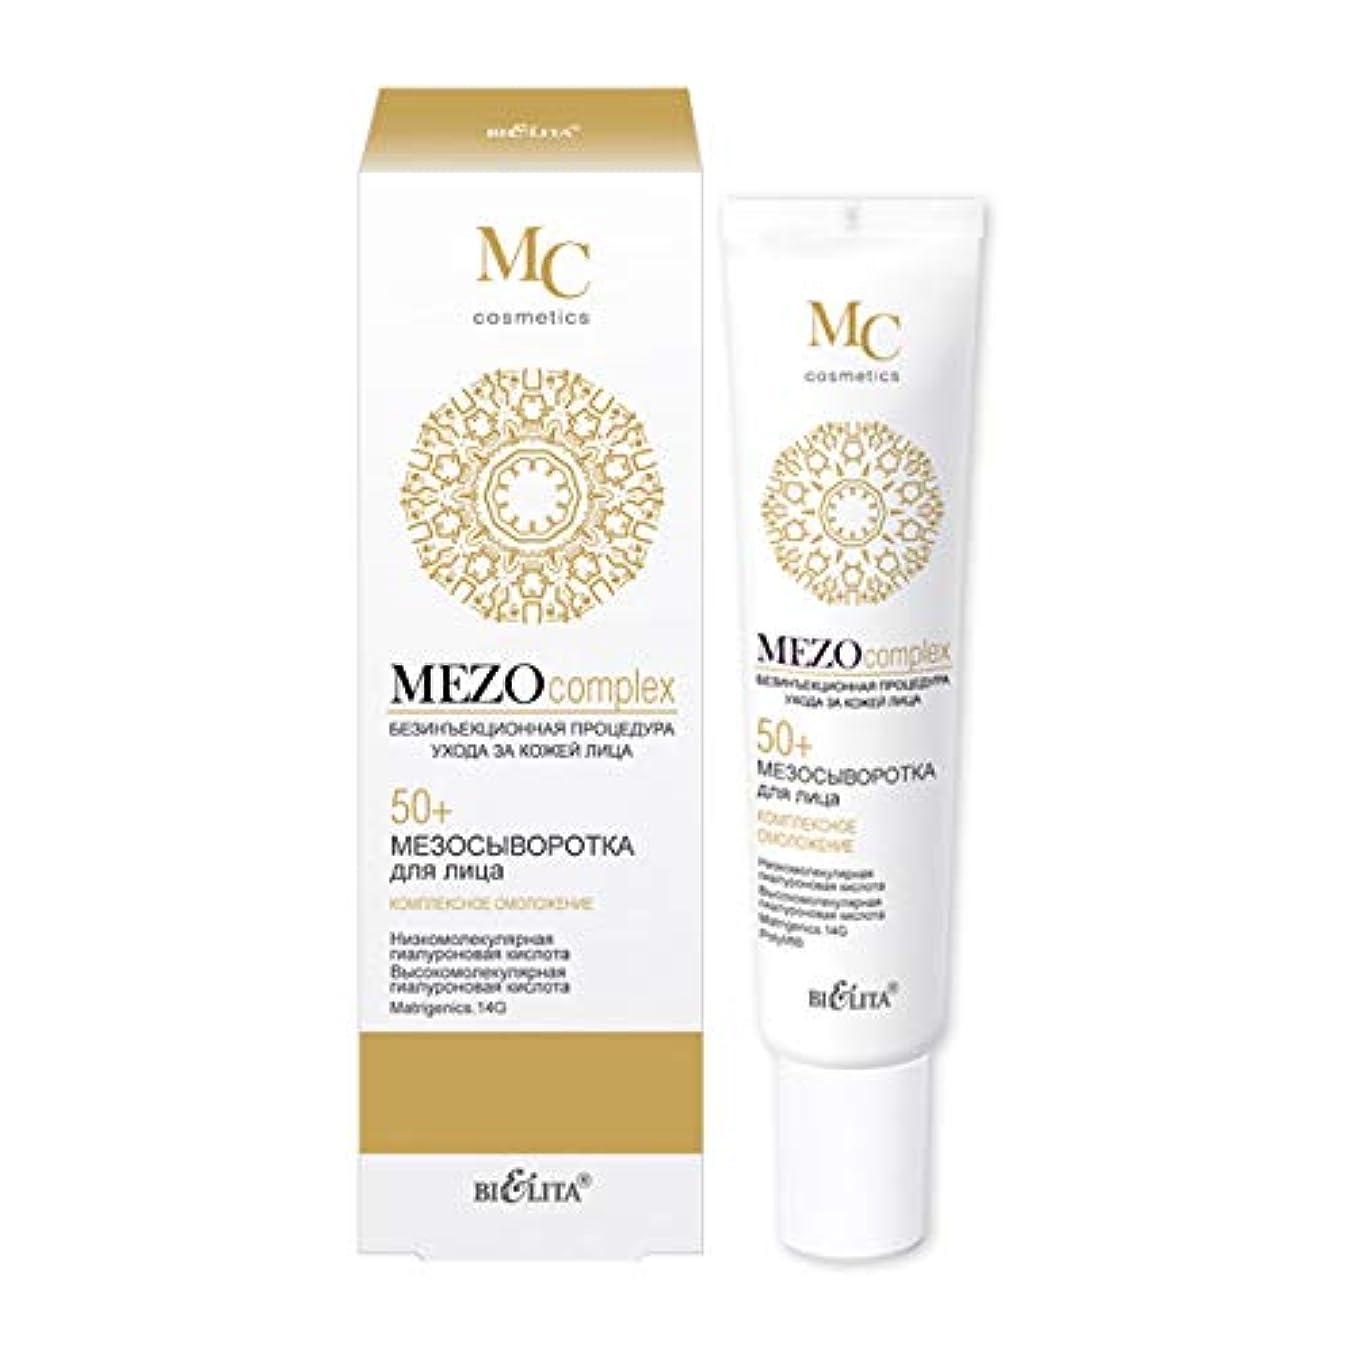 レクリエーションコース着陸Mezo complex | Mezo Serum Complex 50+ | Non-injection facial skin care procedure | Hyaluronic acid | Matrigenics...